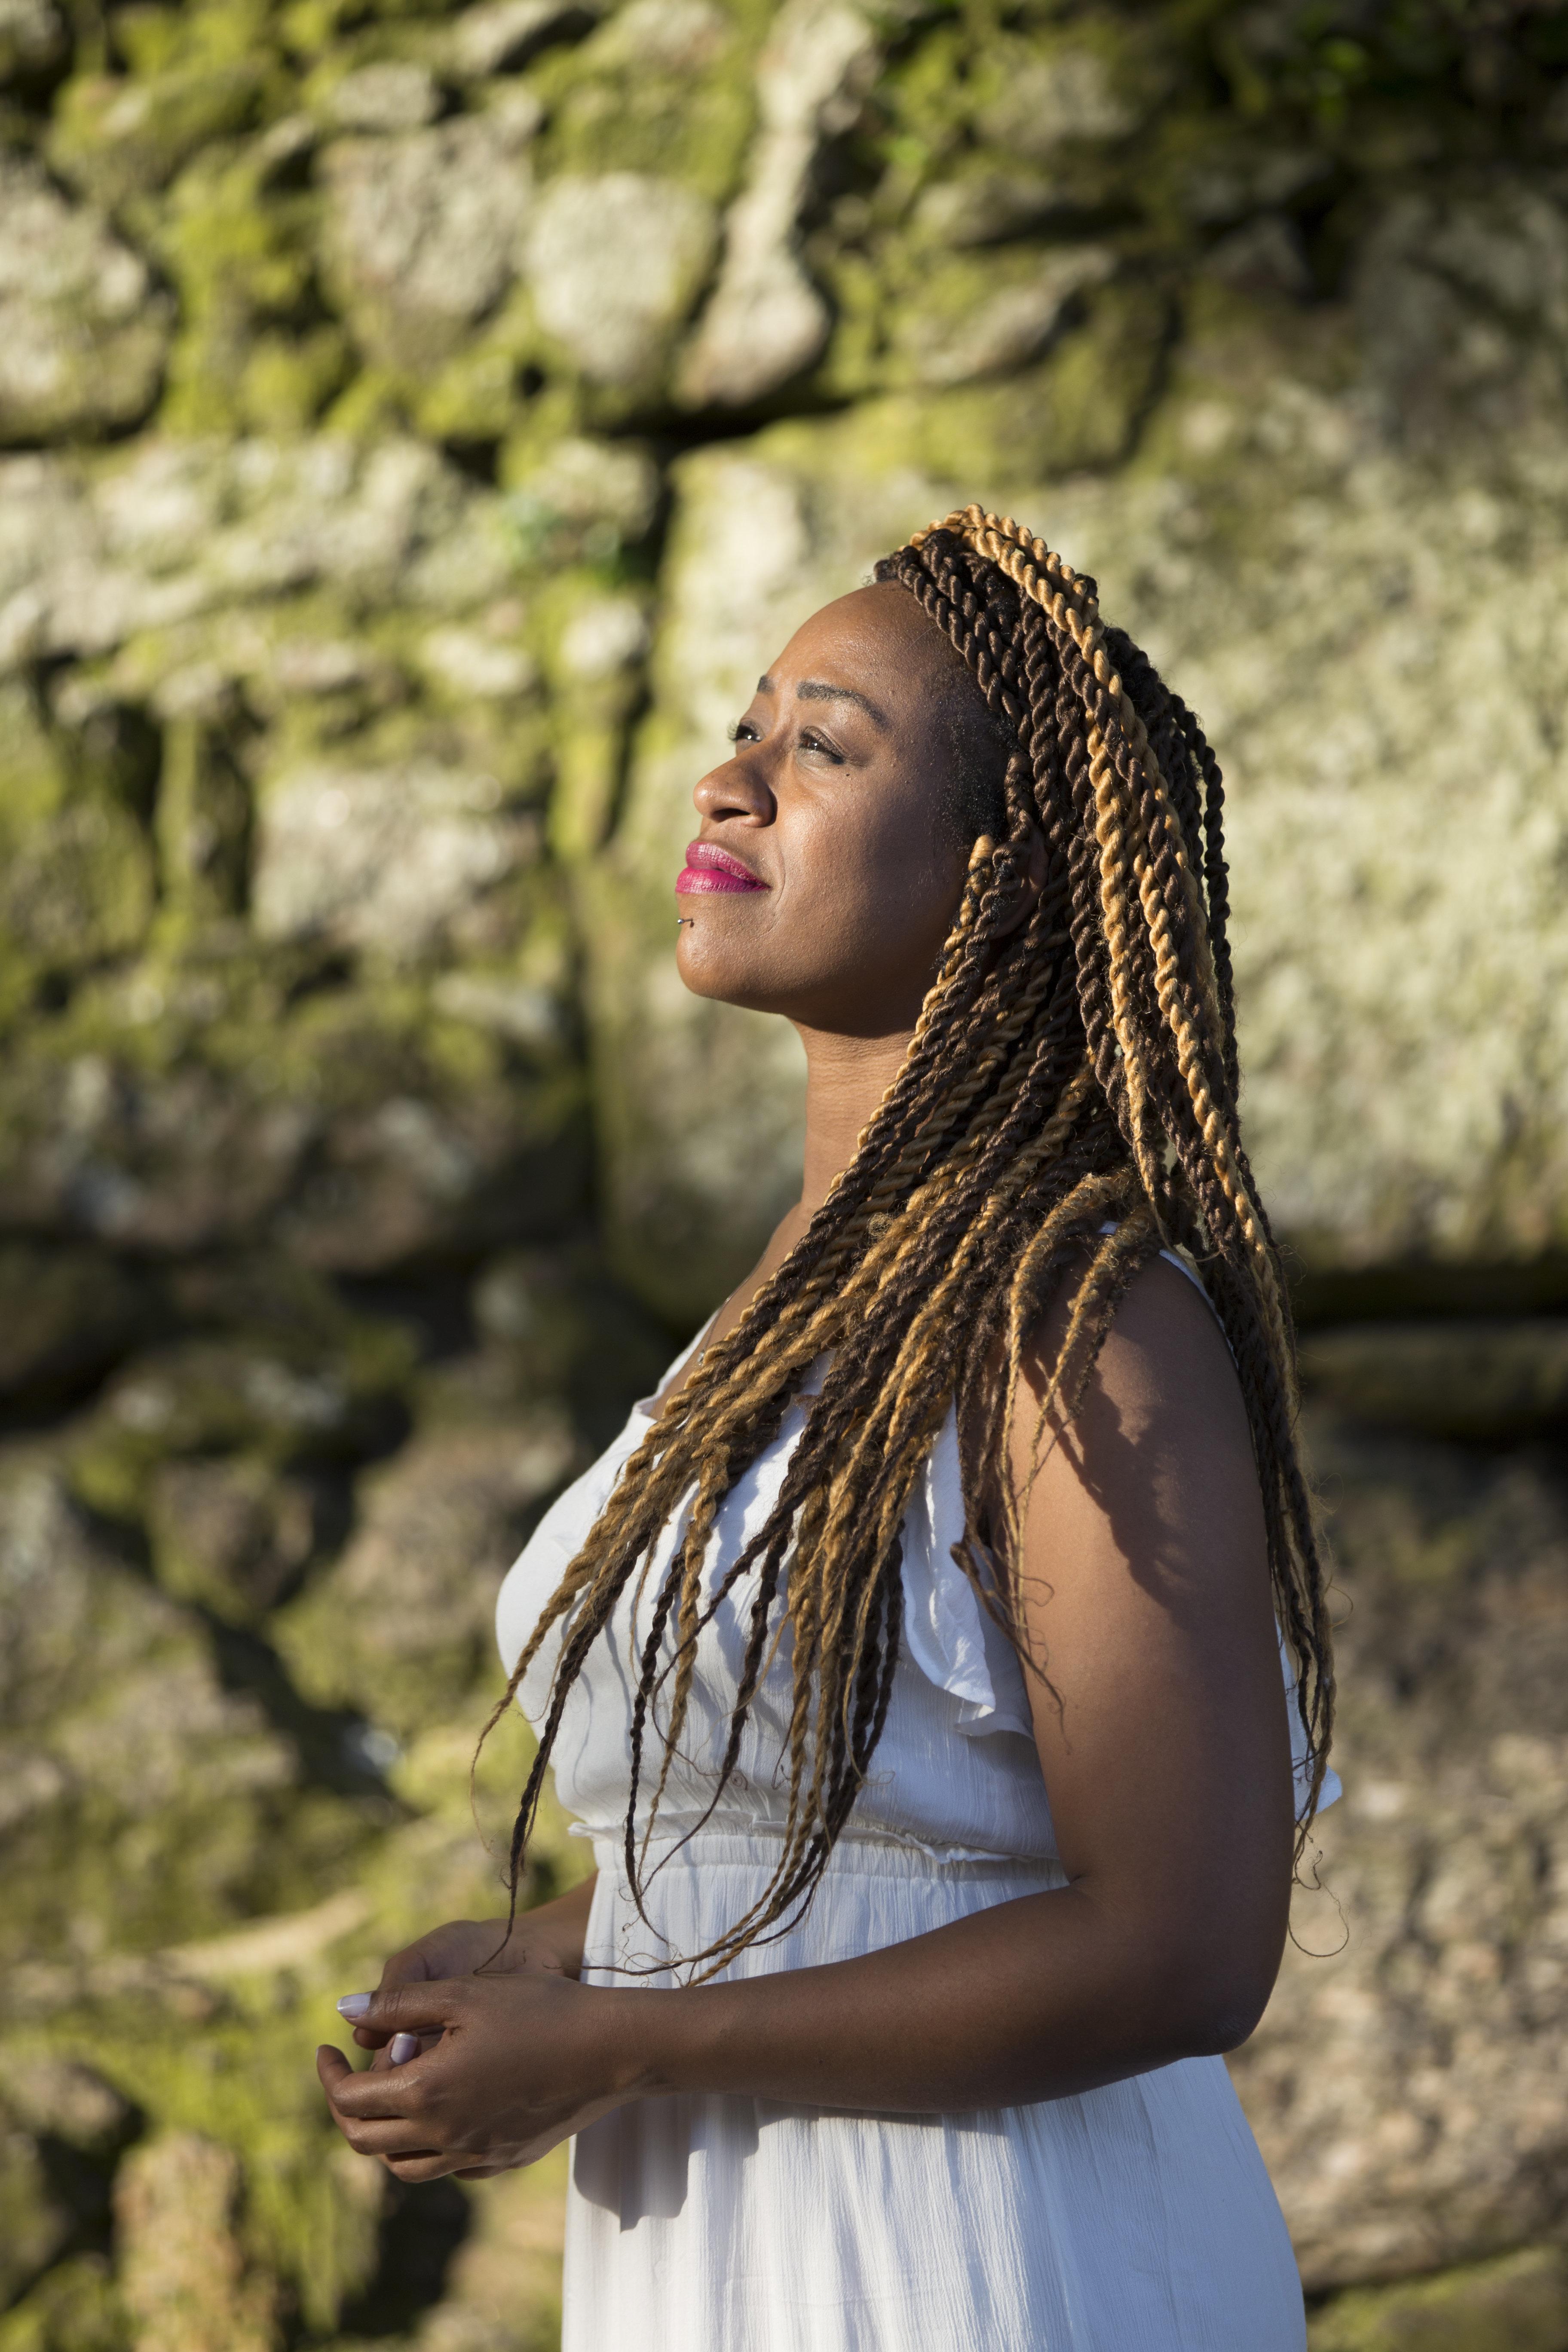 A cineasta que coloca mulheres negras e indígenas como